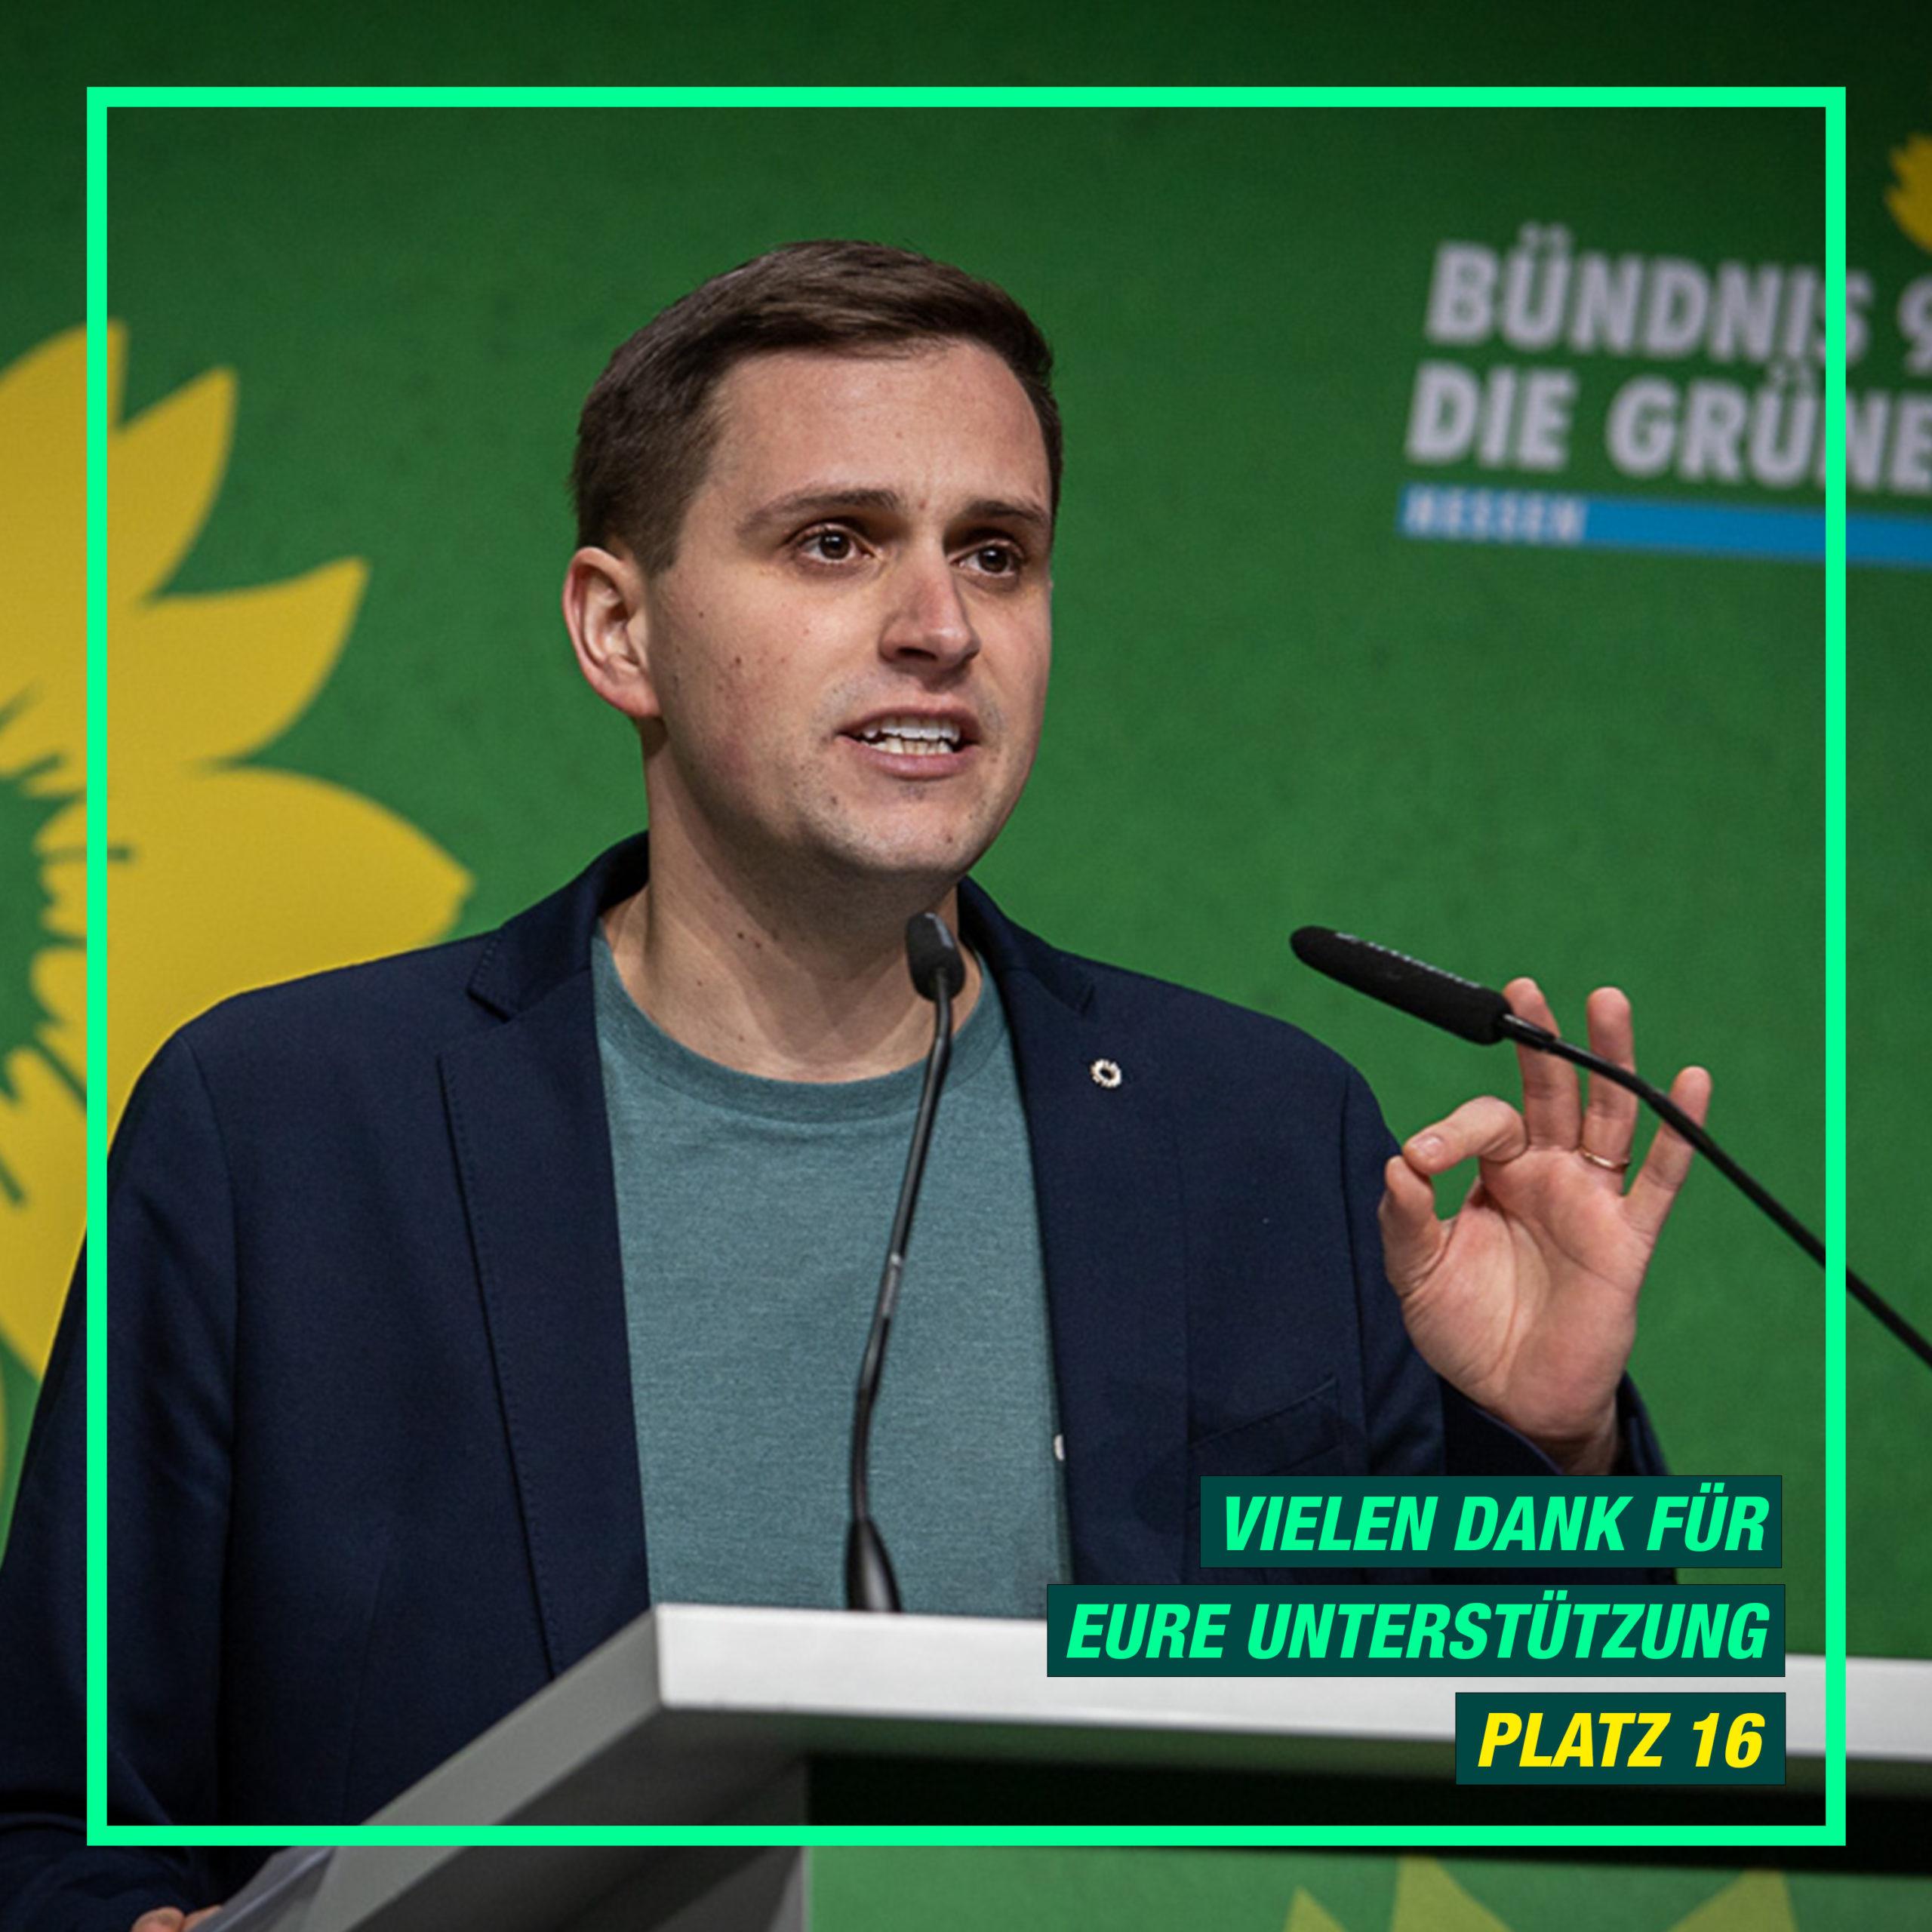 Vielen Dank für eure Unterstützung – Moritz Müller auf Platz 16 für den Bundestag